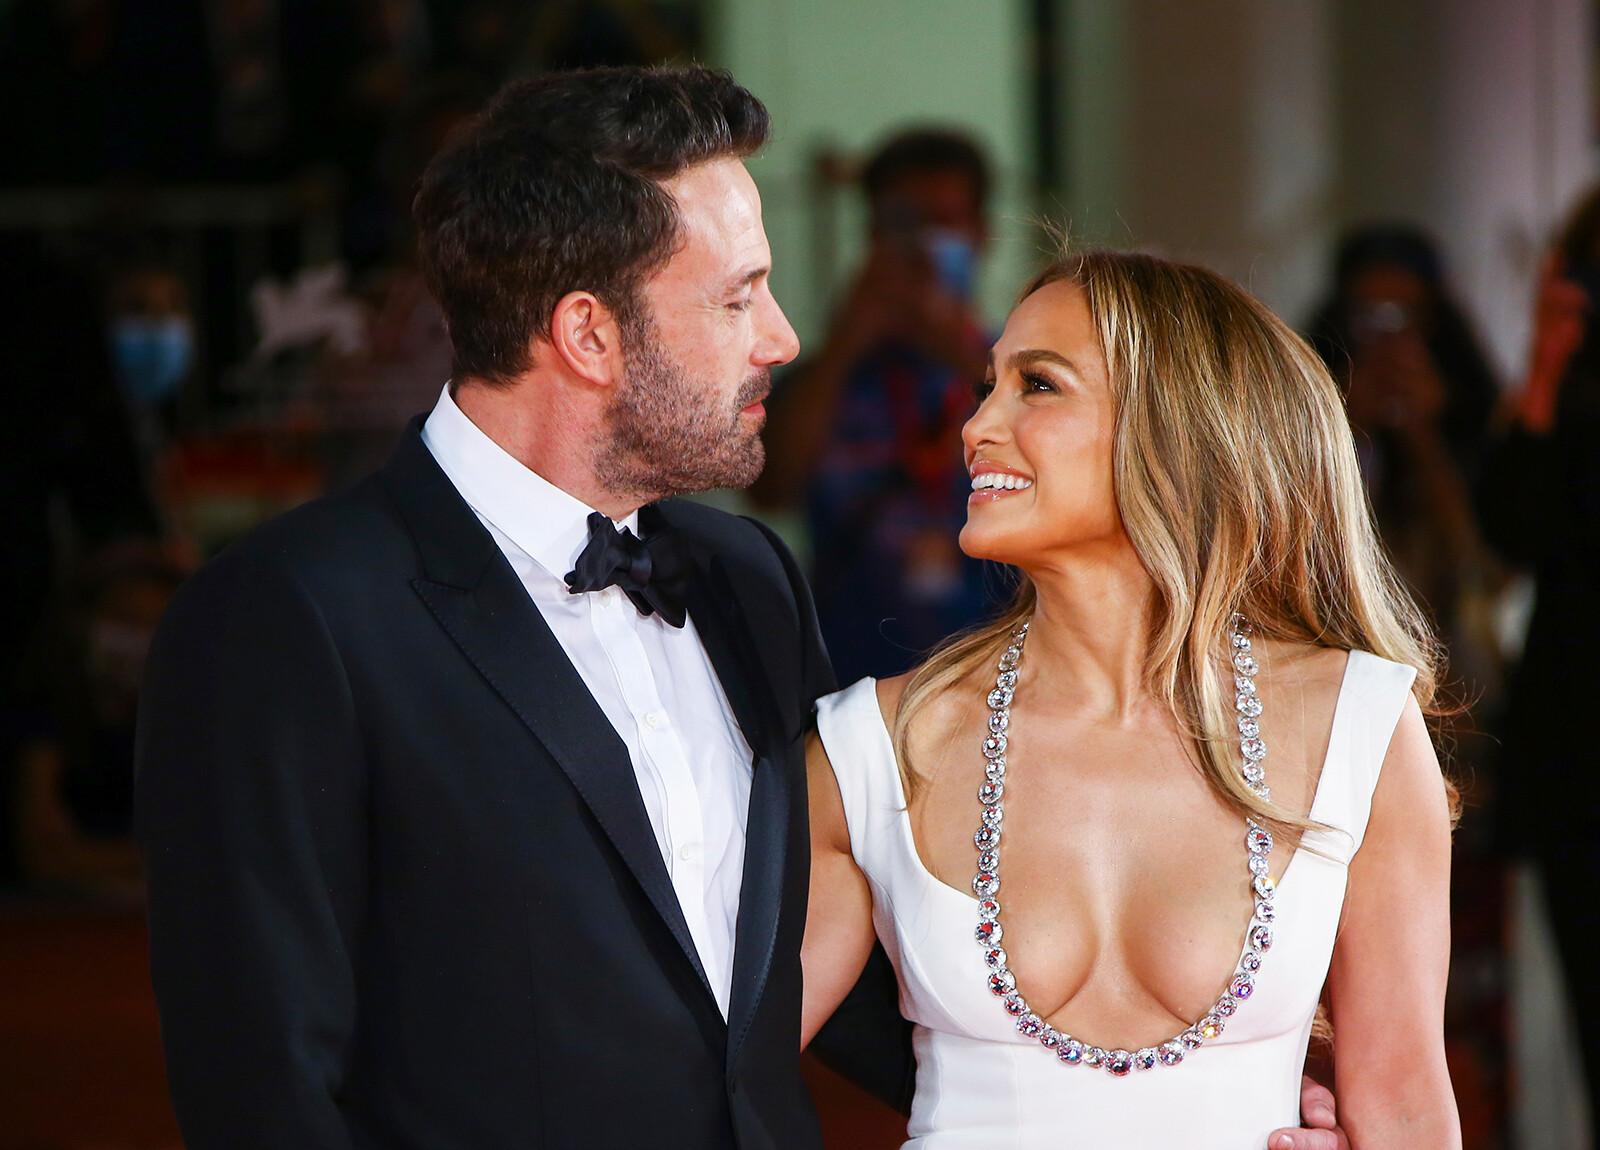 Jennifer Lopez and Ben Affleck return to the red carpet together